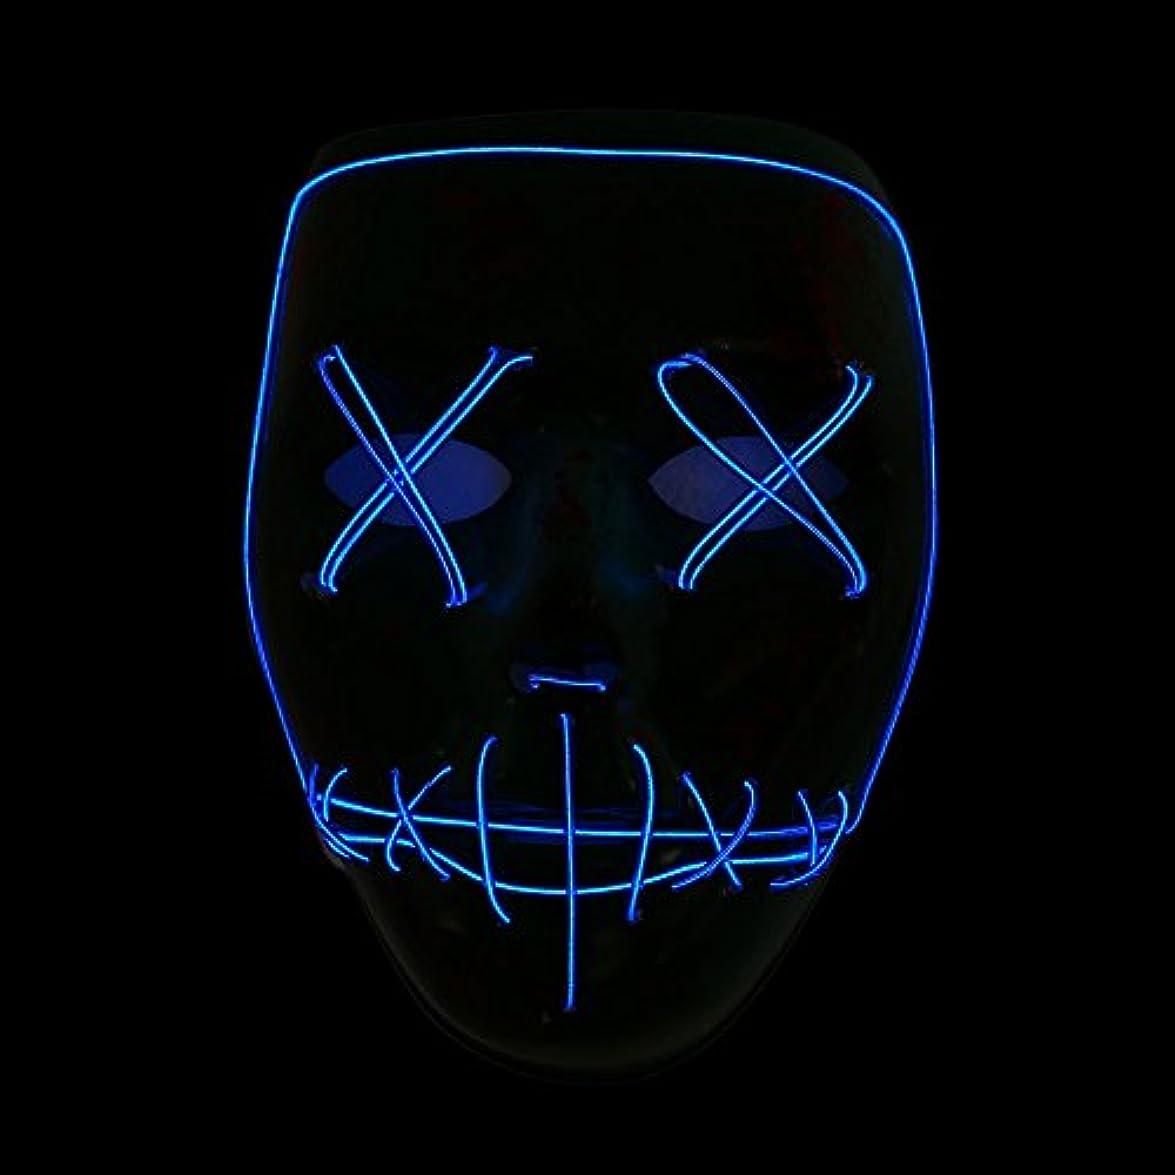 Auntwhale ハロウィーンマスク大人恐怖コスチューム、光るゴーストフェイスファンシーマスカレードパーティーハロウィンマスク、フェスティバル通気性ギフトヘッドマスク